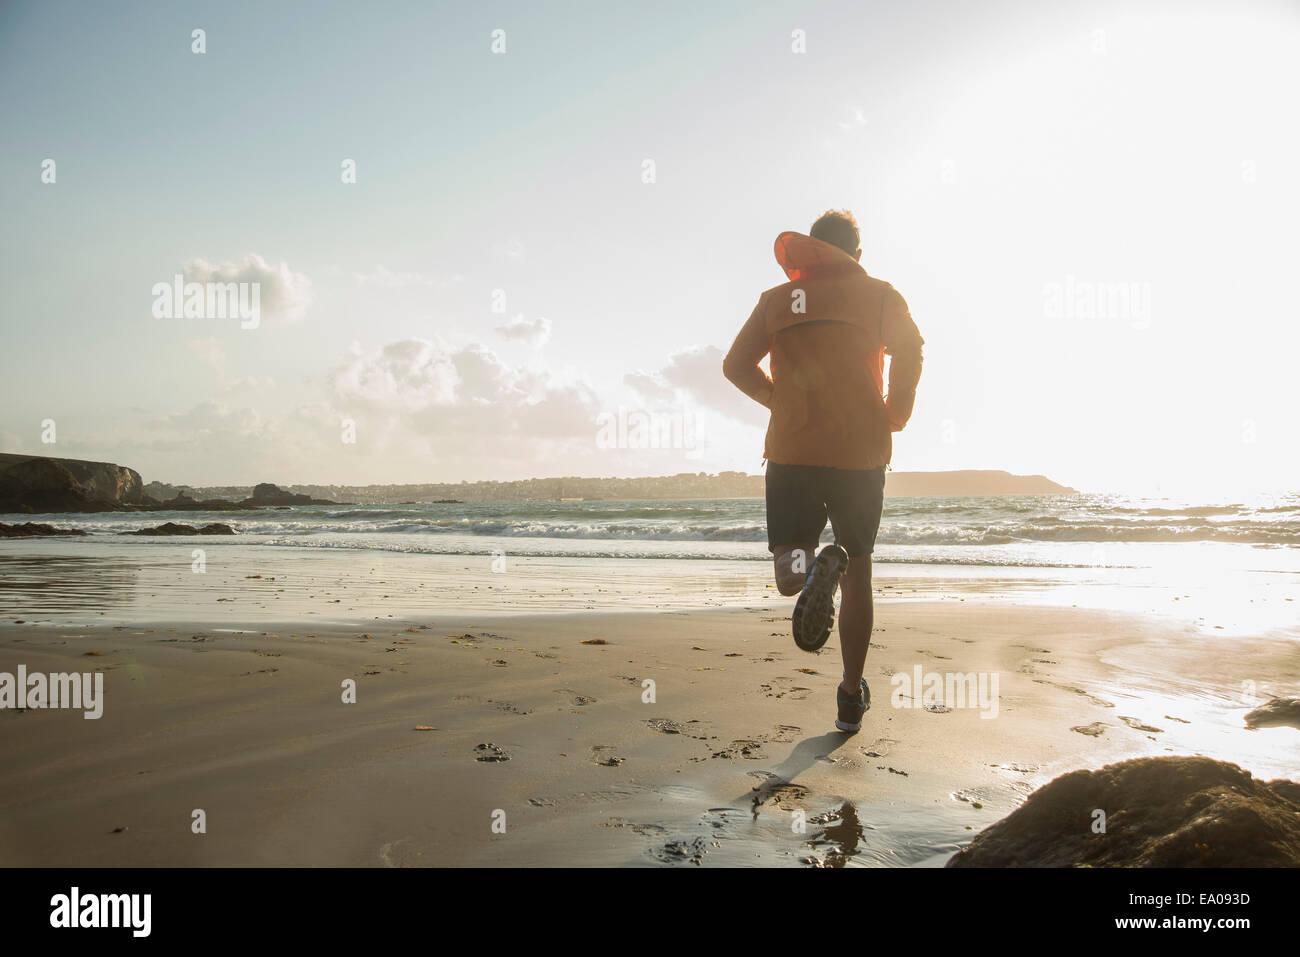 Uomo maturo in esecuzione sulla sabbia, lungo la linea costiera Immagini Stock